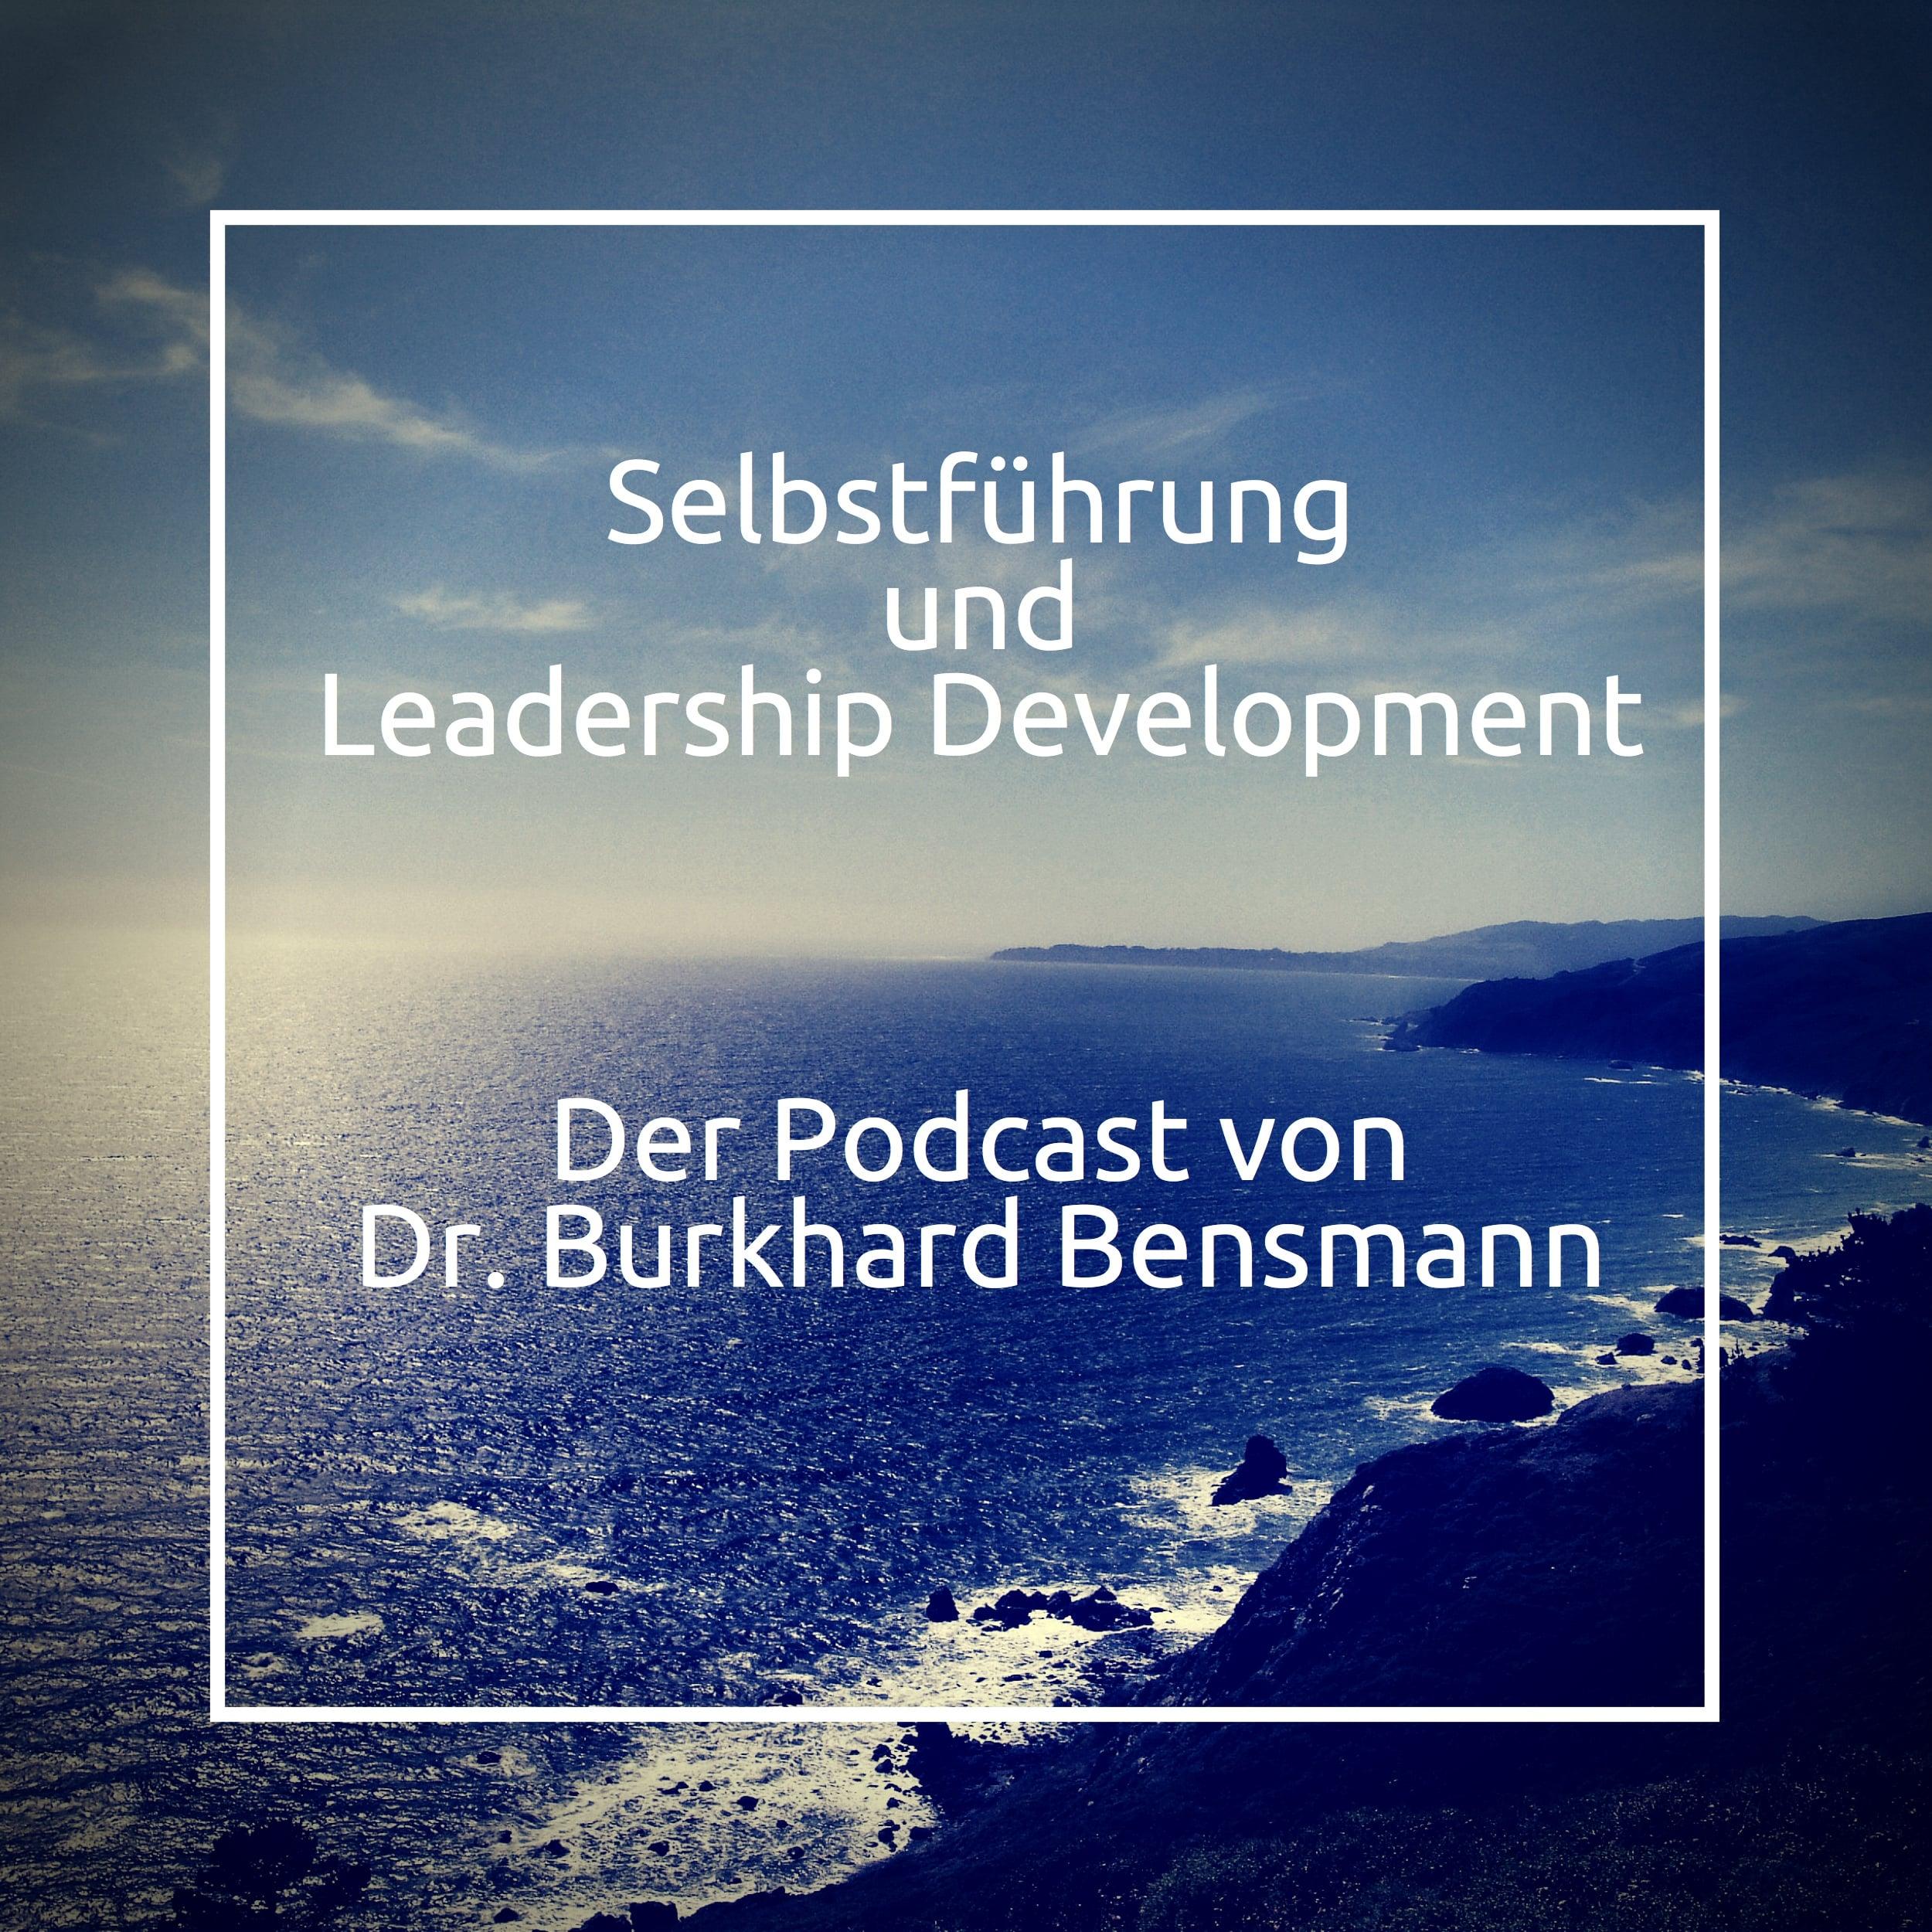 Selbstführung und Leadership Development